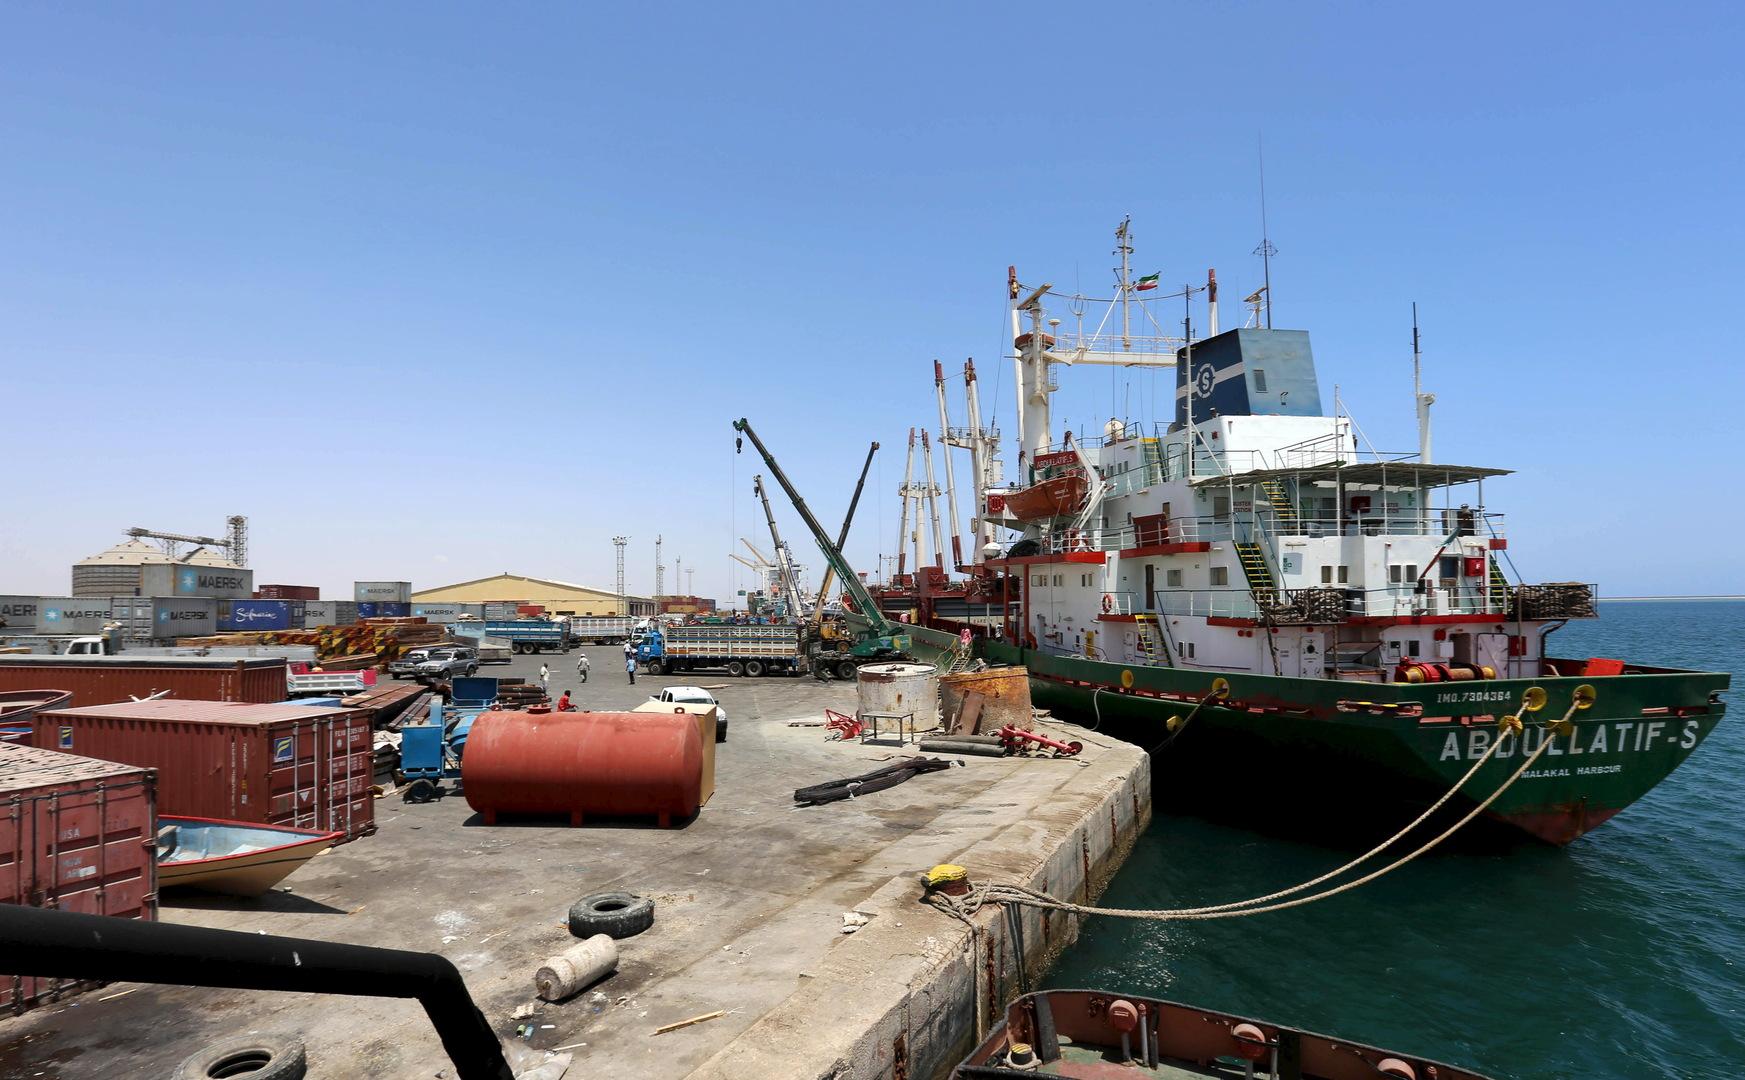 انفجار يستهدف نقطة أمنية قرب الميناء في العاصمة الصومالية مقديشو